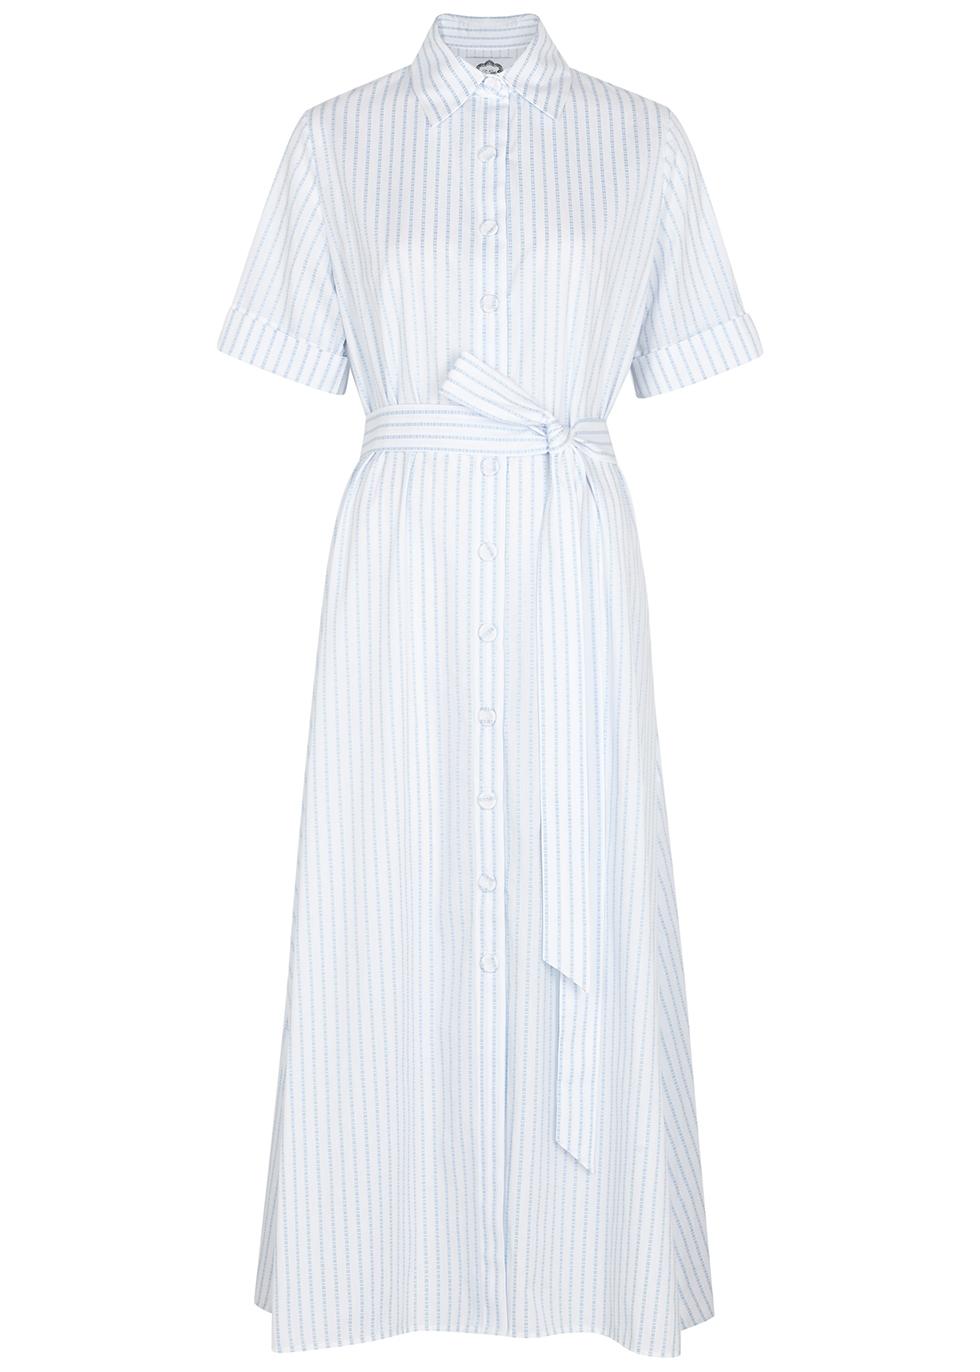 White stripe-jacquard cotton shirt dress